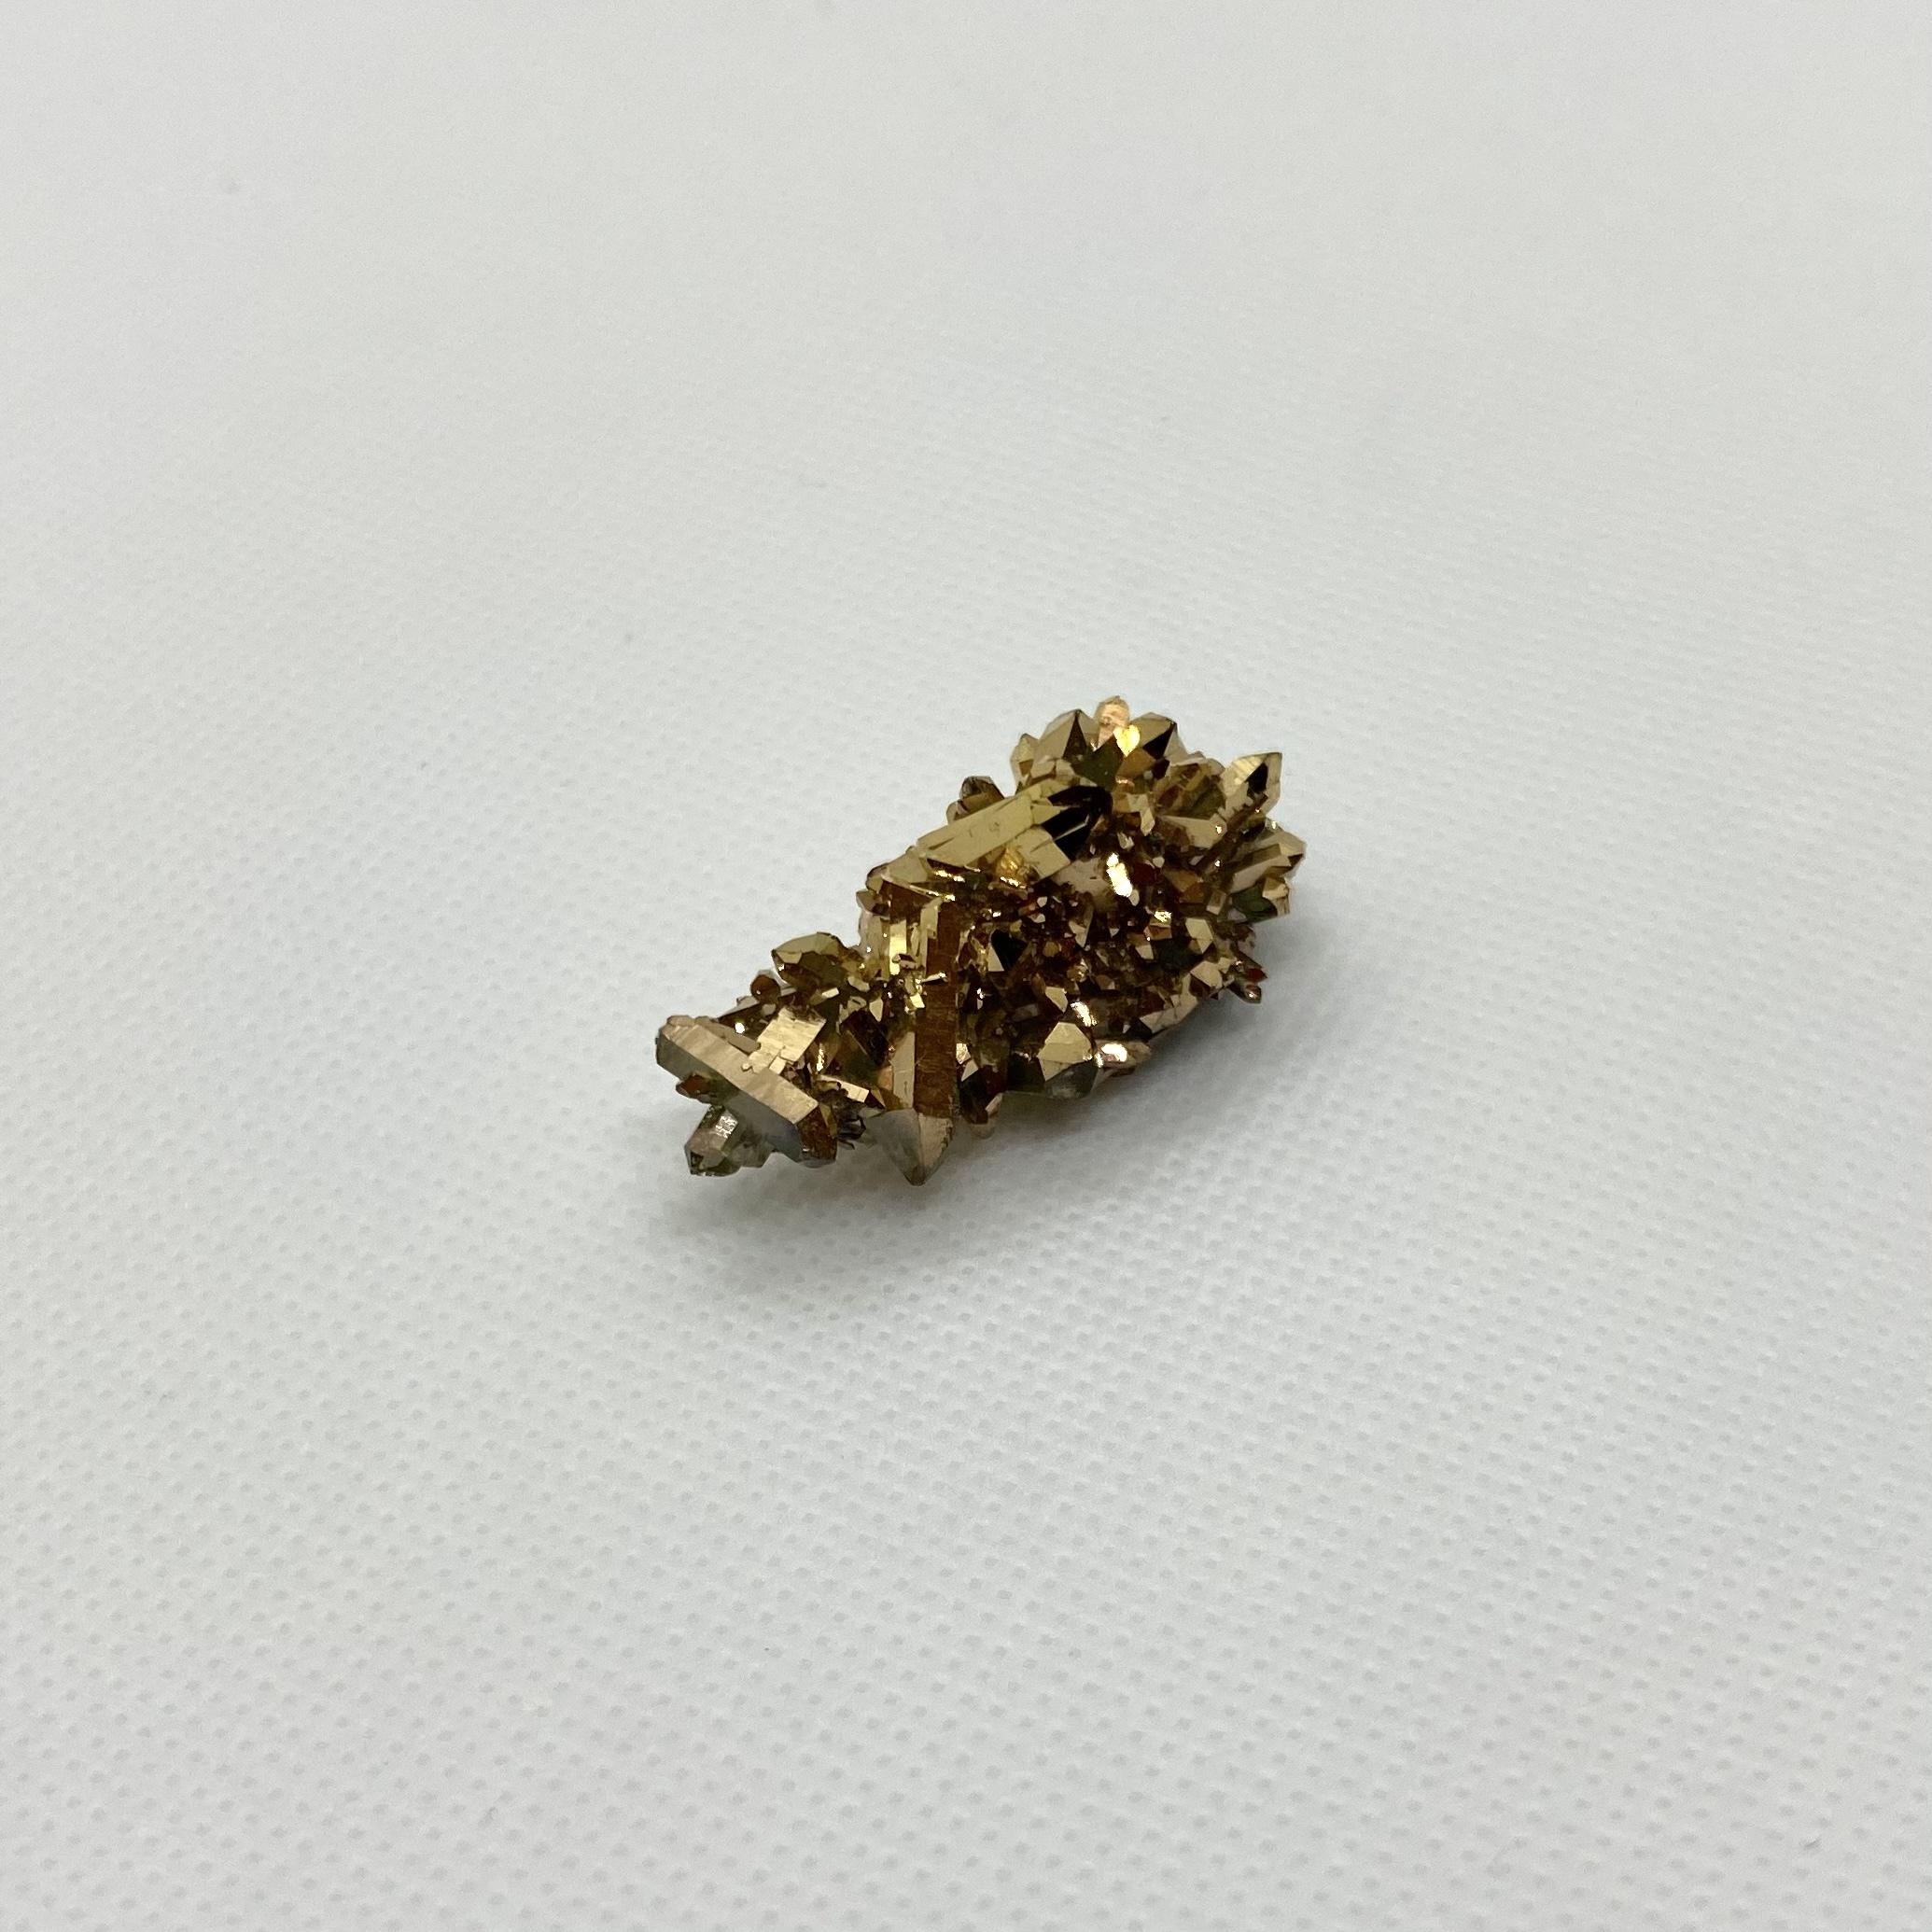 ゴールデンクリスタルクラスター(金運上昇)